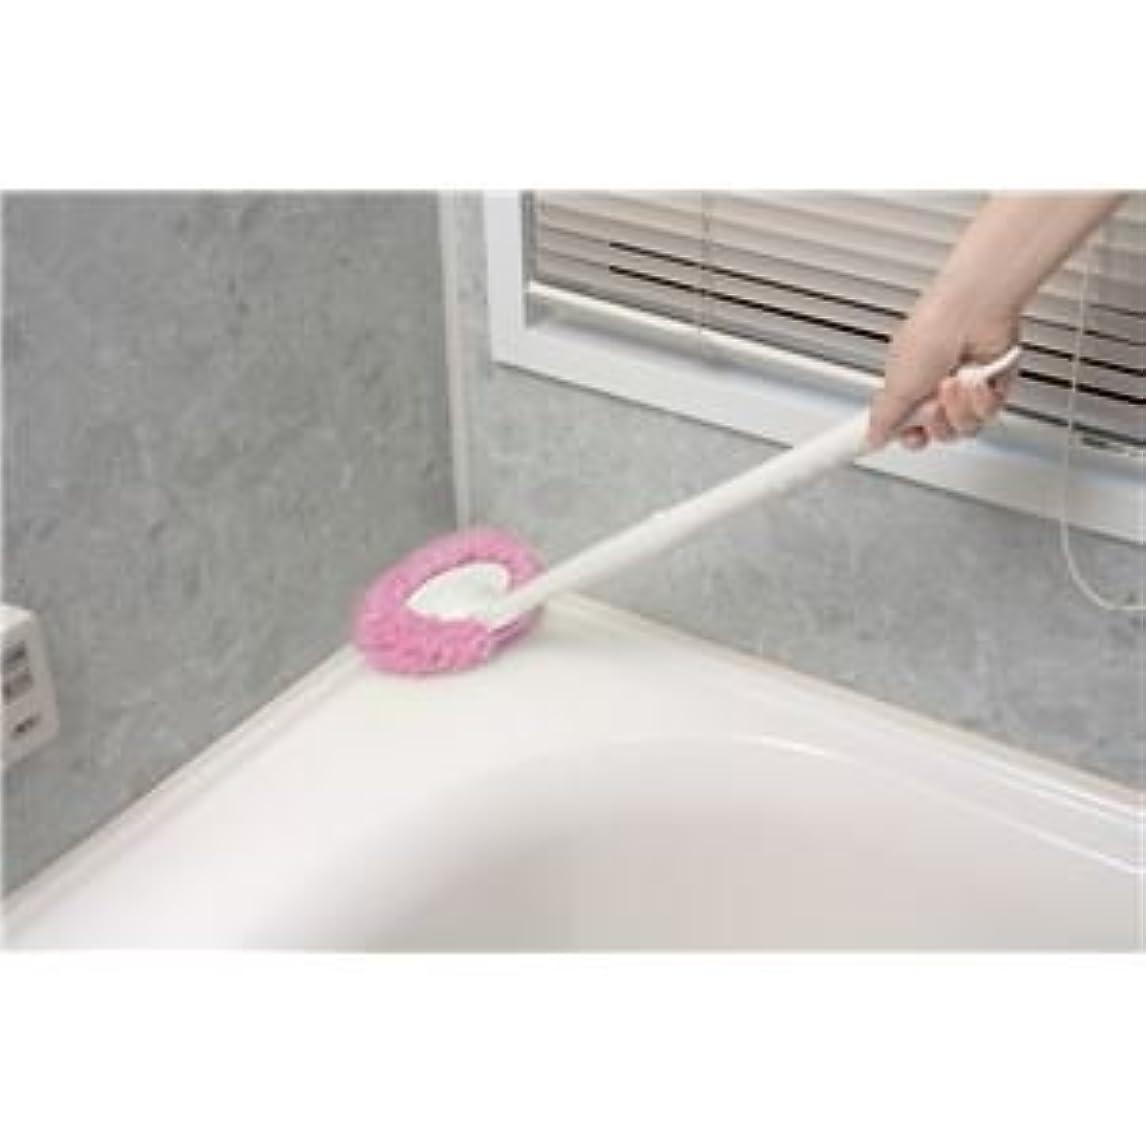 抑制するアナニバー慣らすサンコー お風呂びっクリーナーPI (BO-50) ピンク